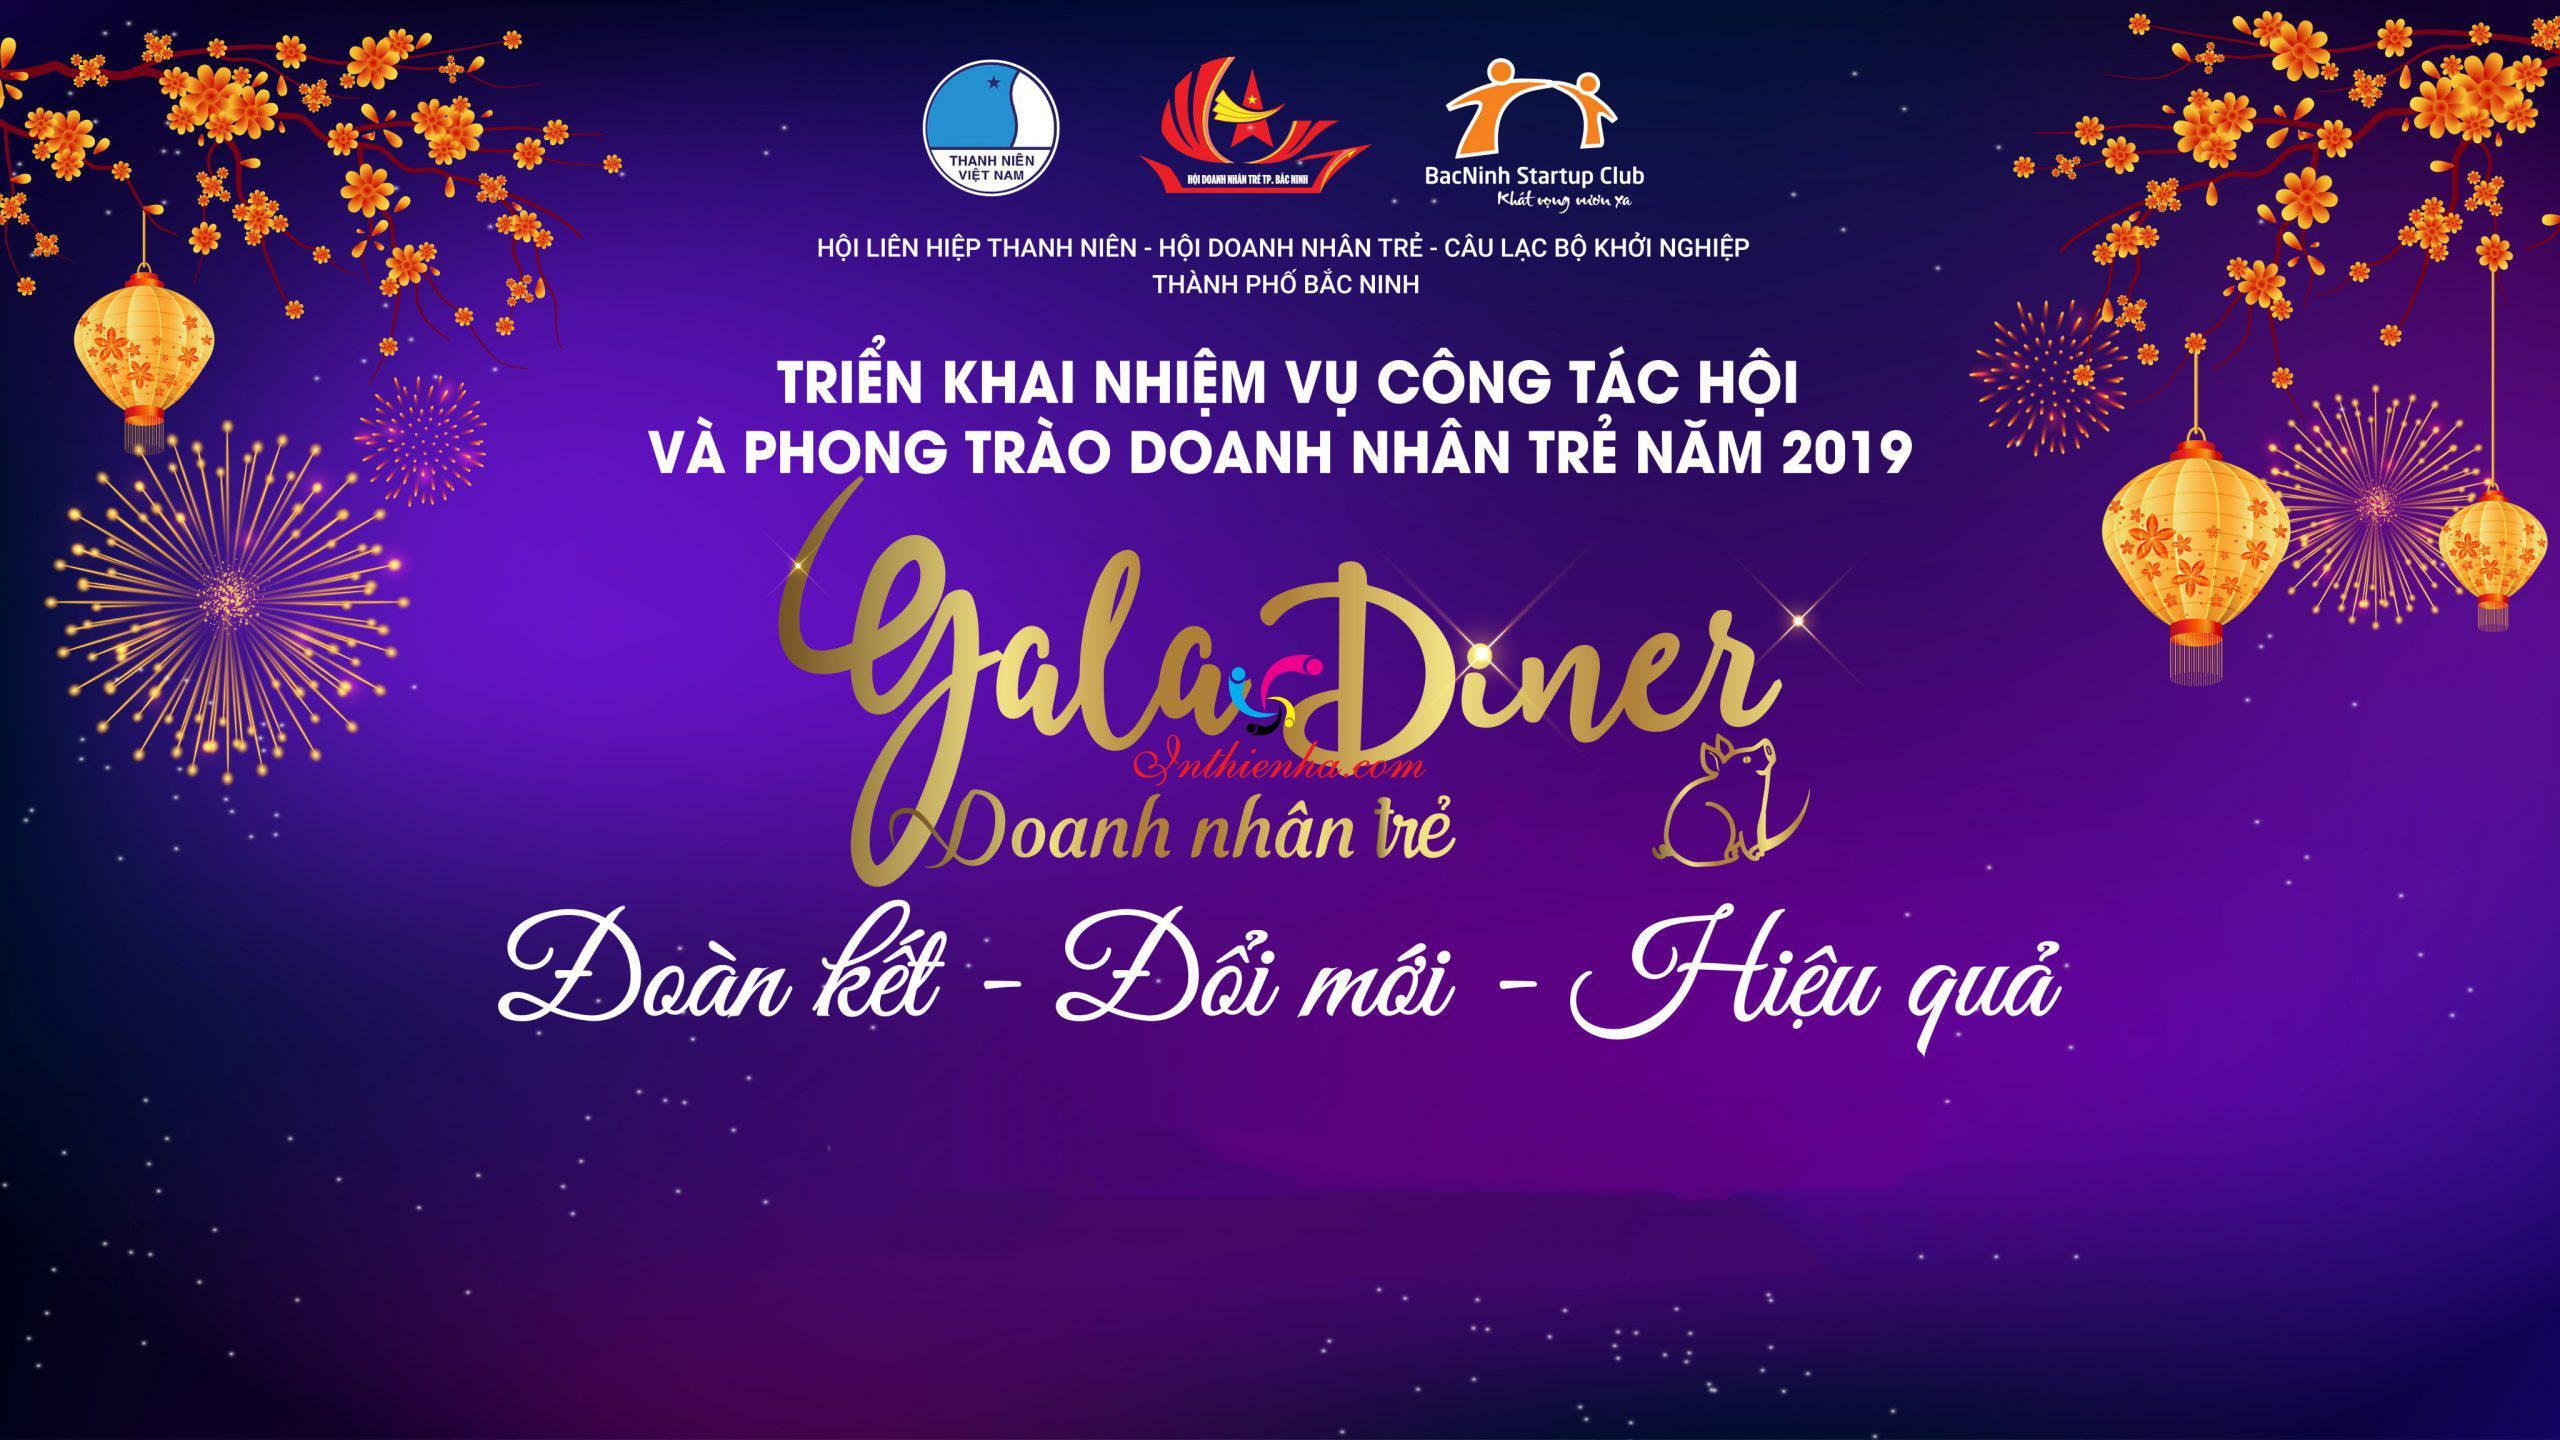 Link tải Mẫu Backdrop Phông Gala Dinner File Vector, PSD, PNG miễn phí